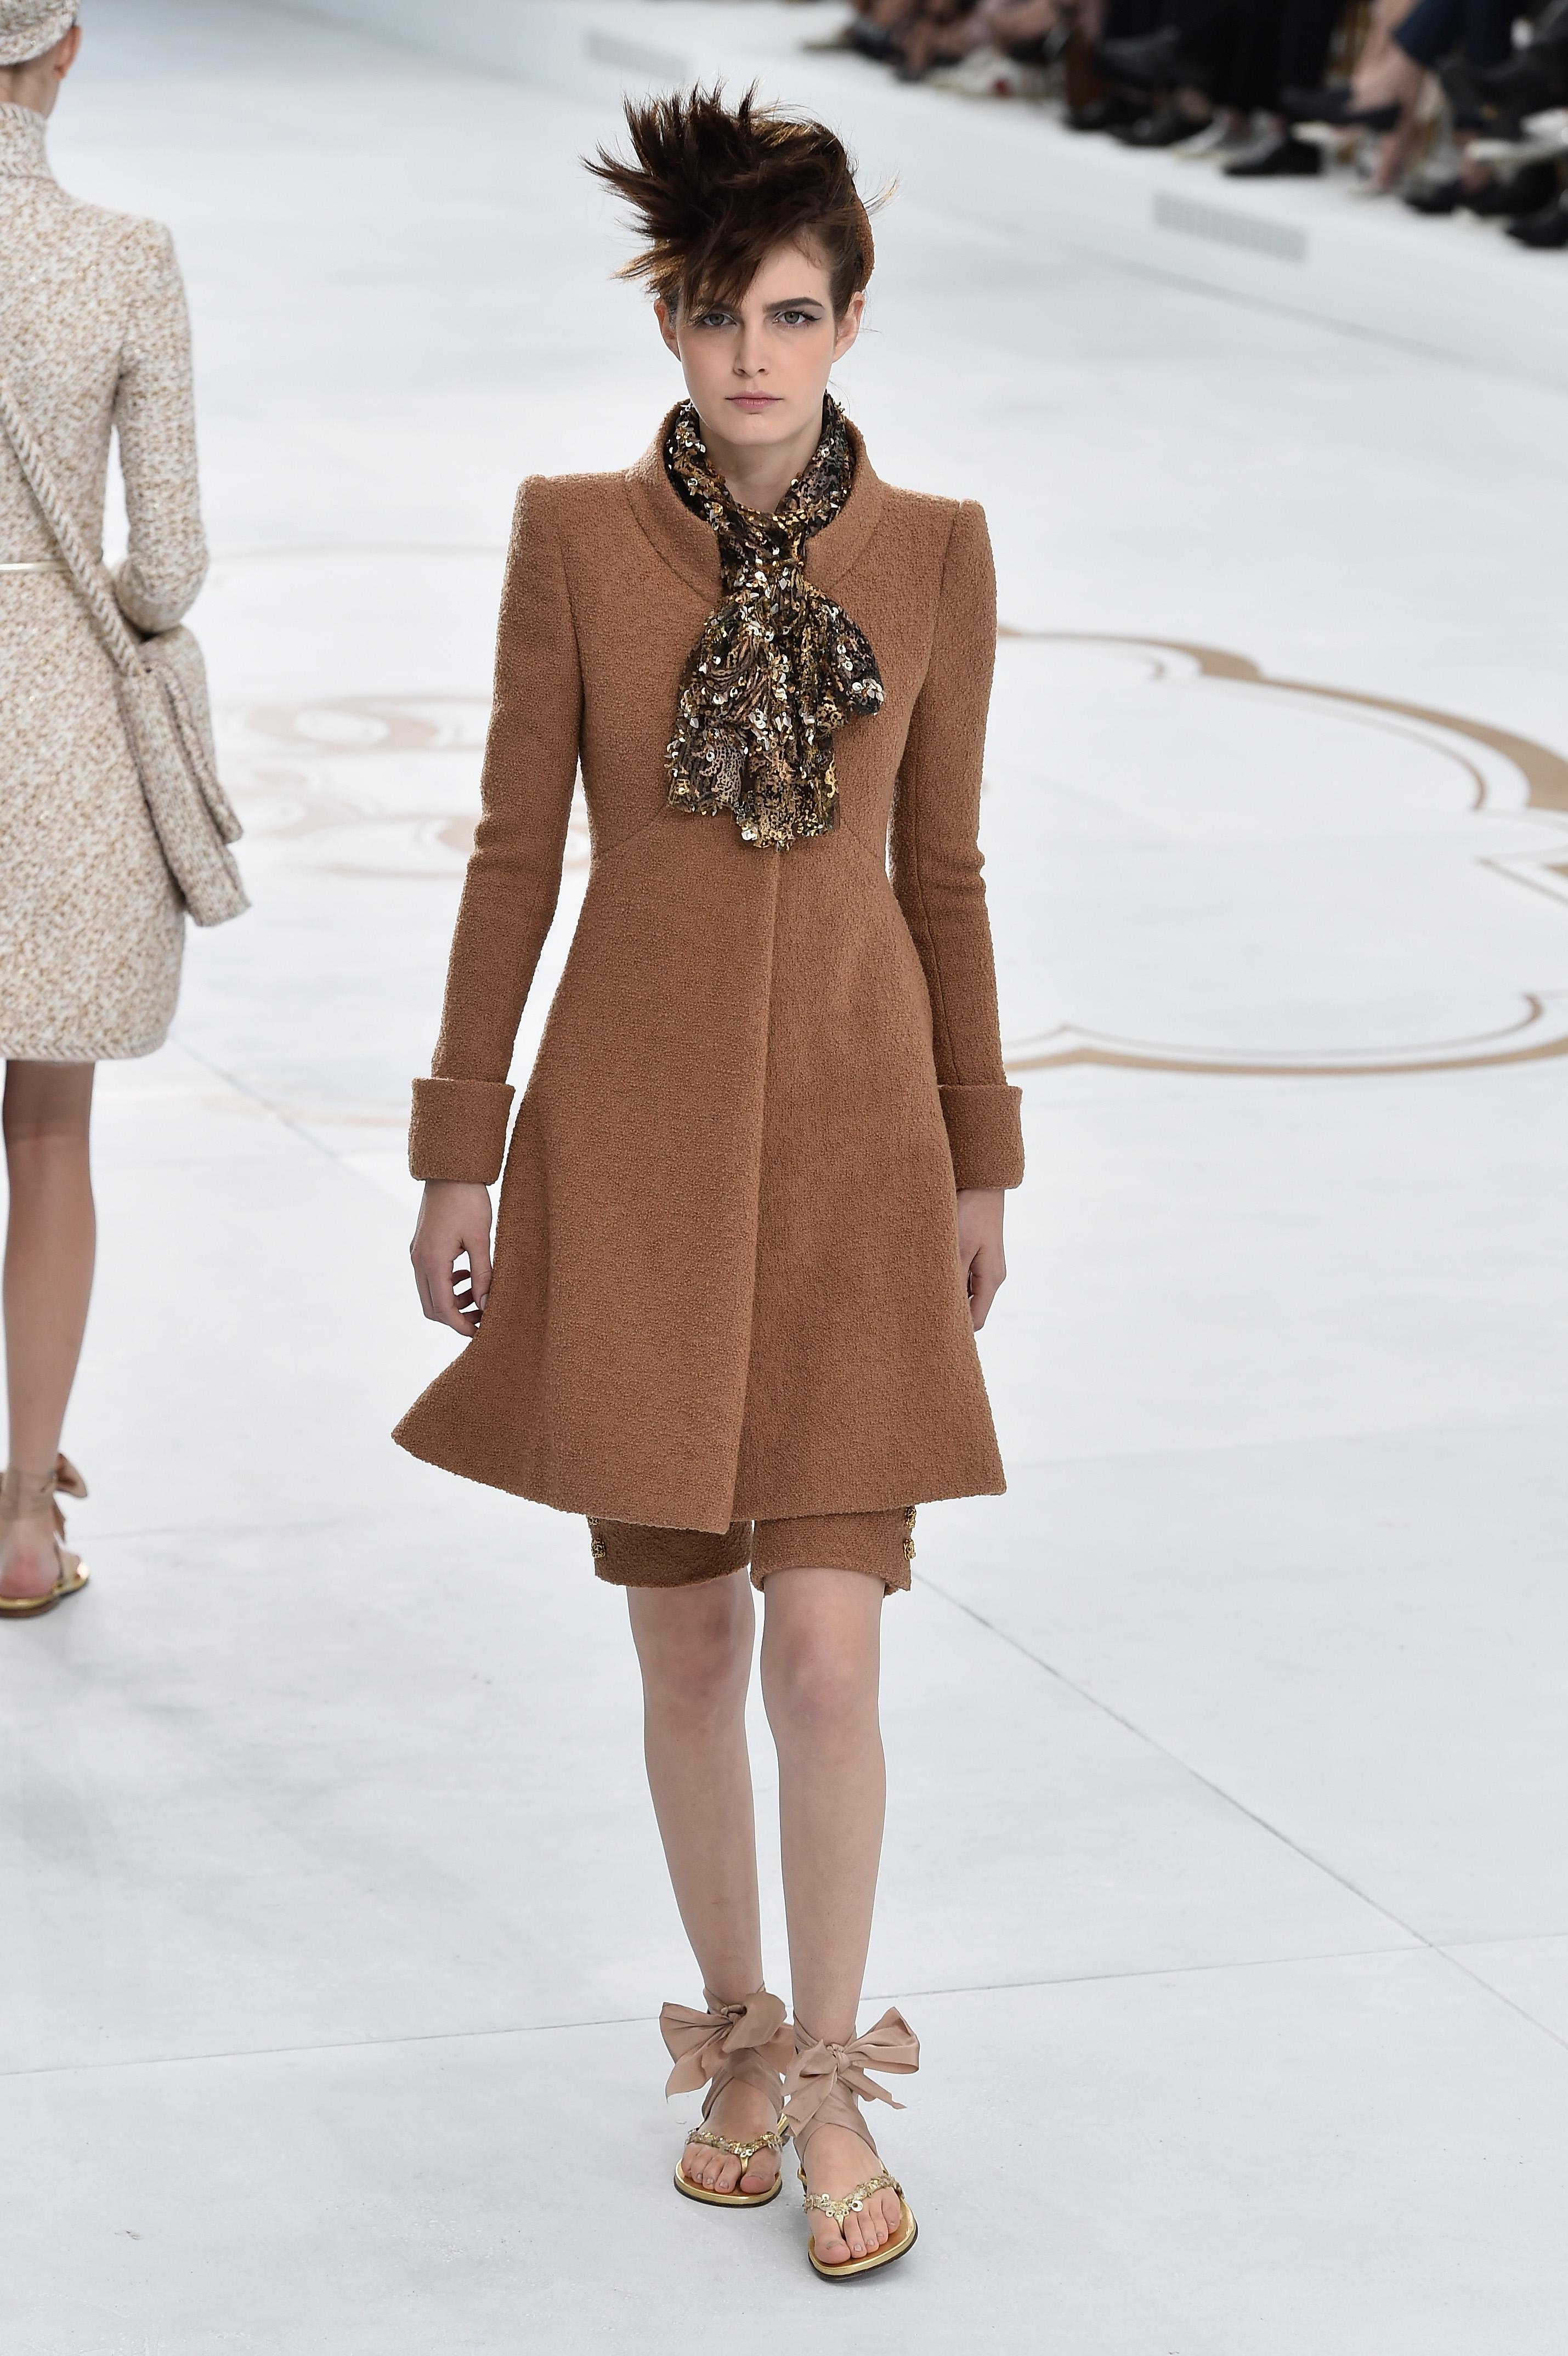 202bac1801654e Chanel   Runway - Paris Fashion Week   Haute Couture Fall Winter 2014-2015  ...